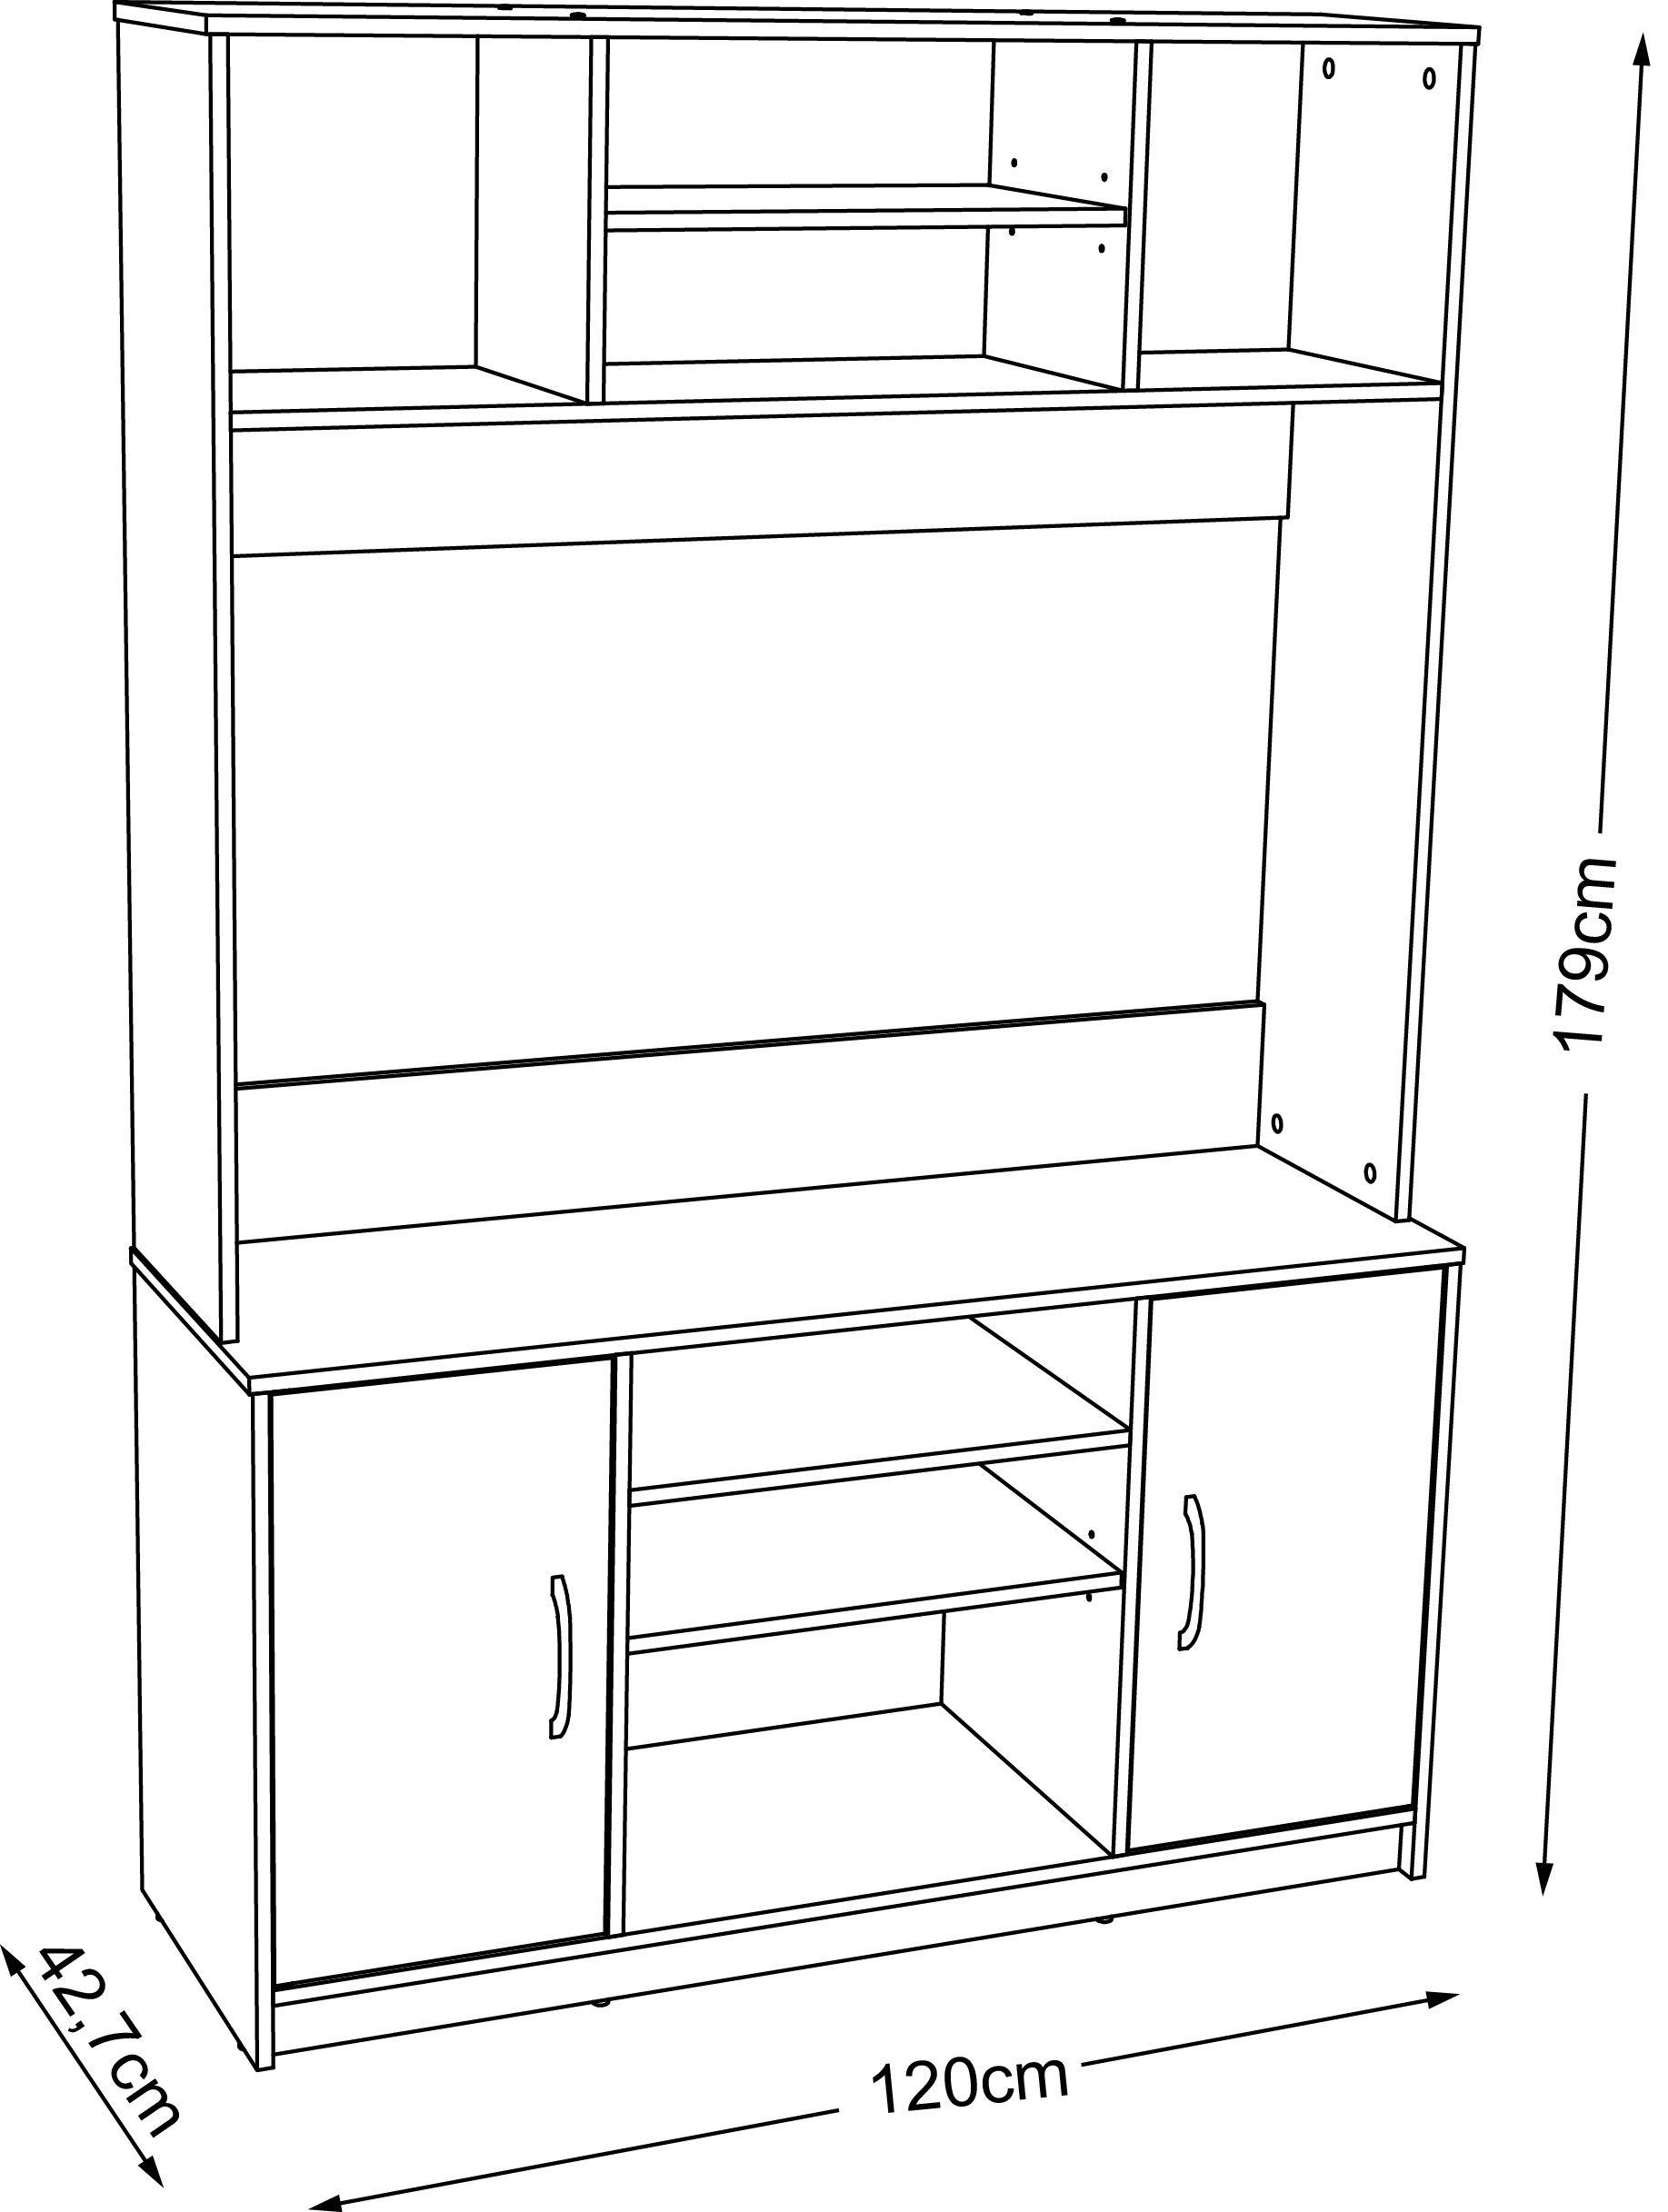 muebles para tv mdf PLANOS - Buscar con Google | Armario | Pinterest ...